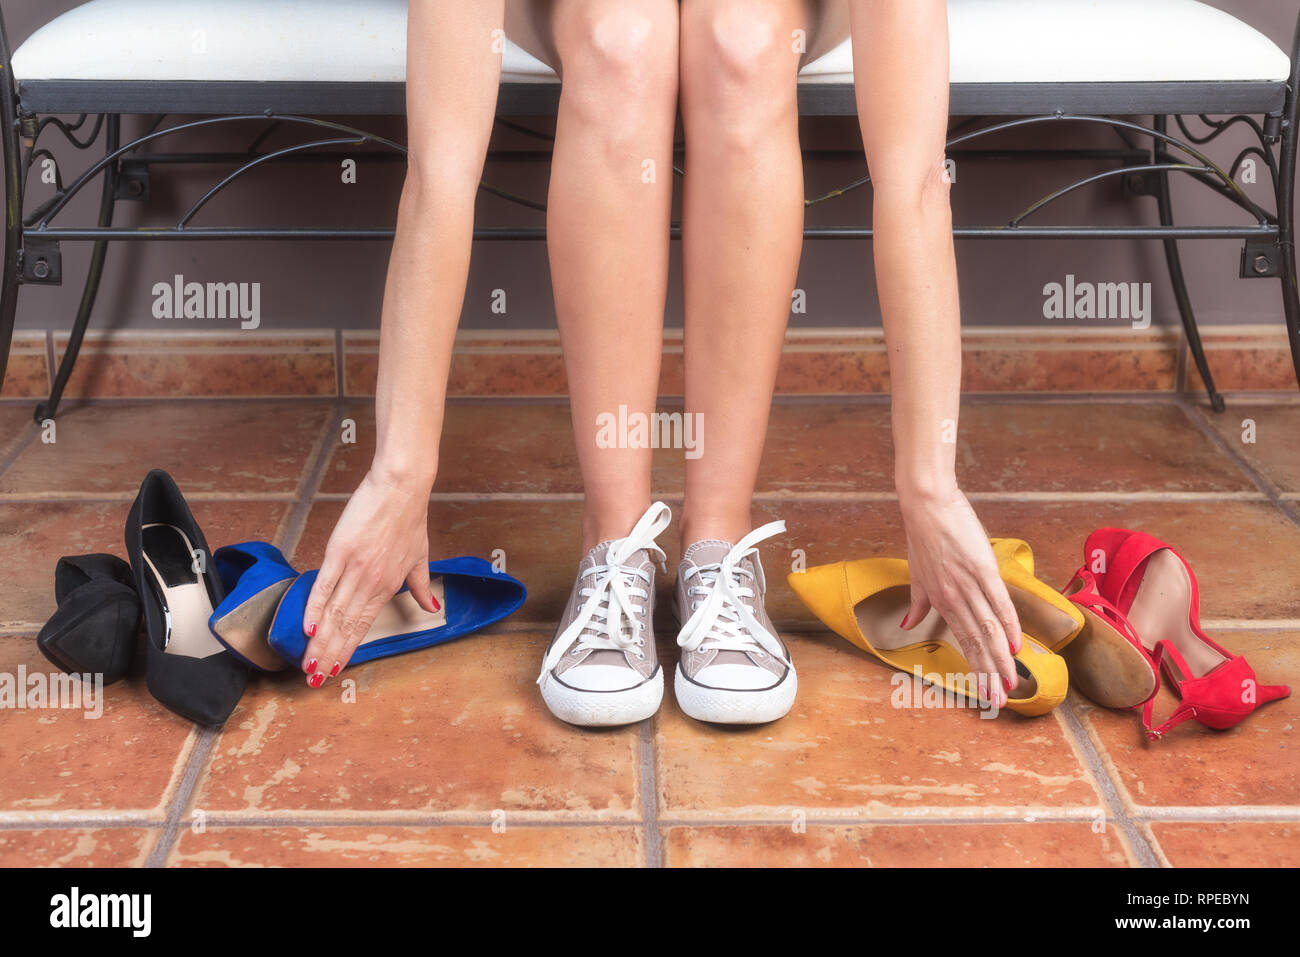 Mujer con perfecto piernas delgadas, elegir cómodas zapatillas más que incómodos zapatos con tacón de aguja . Imagen De Stock